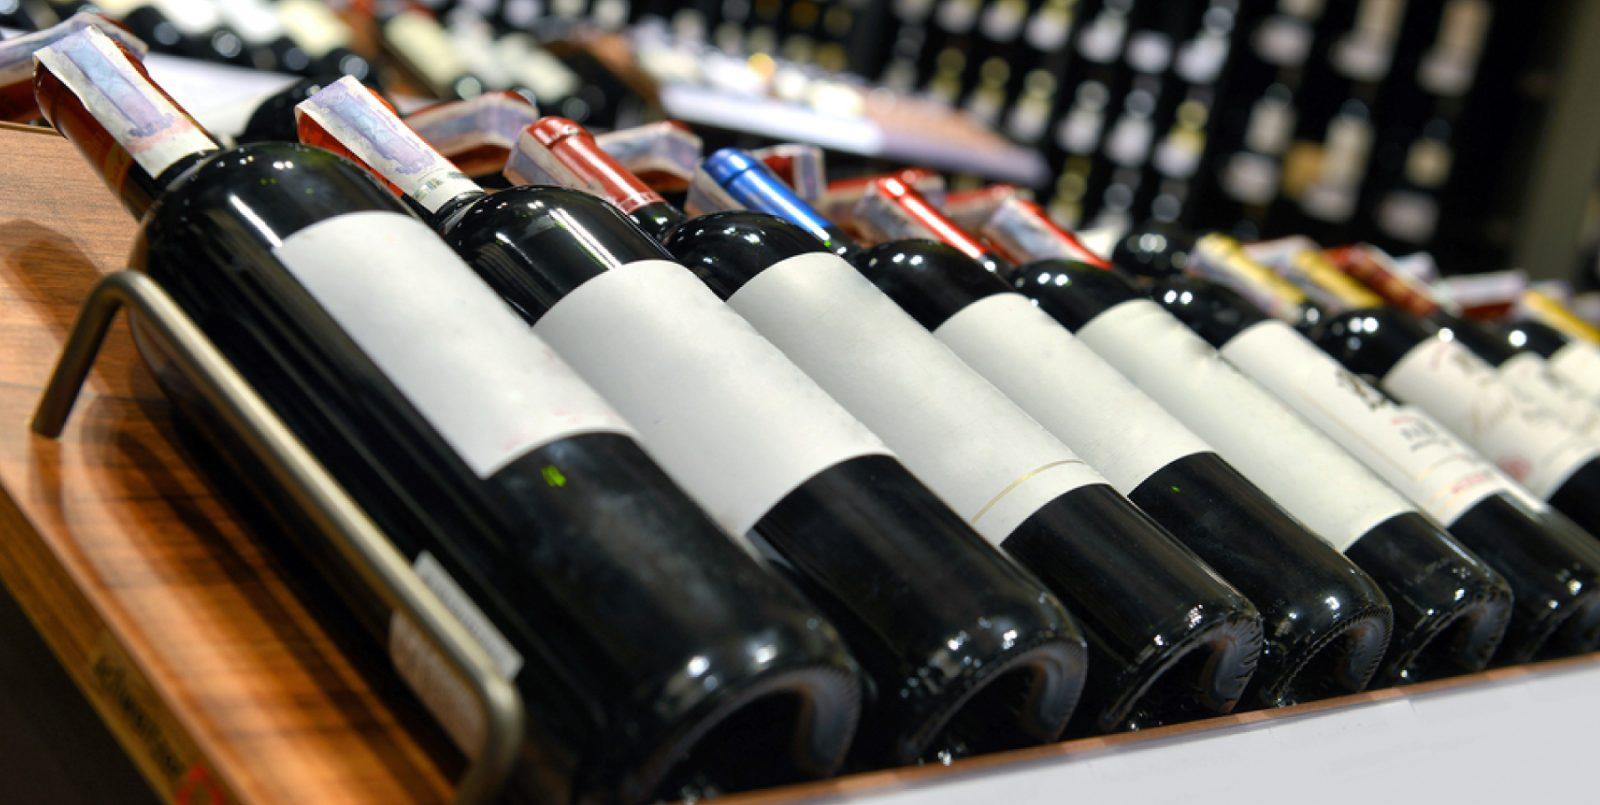 Le Call4Wine italiane per vendere i tuoi vini